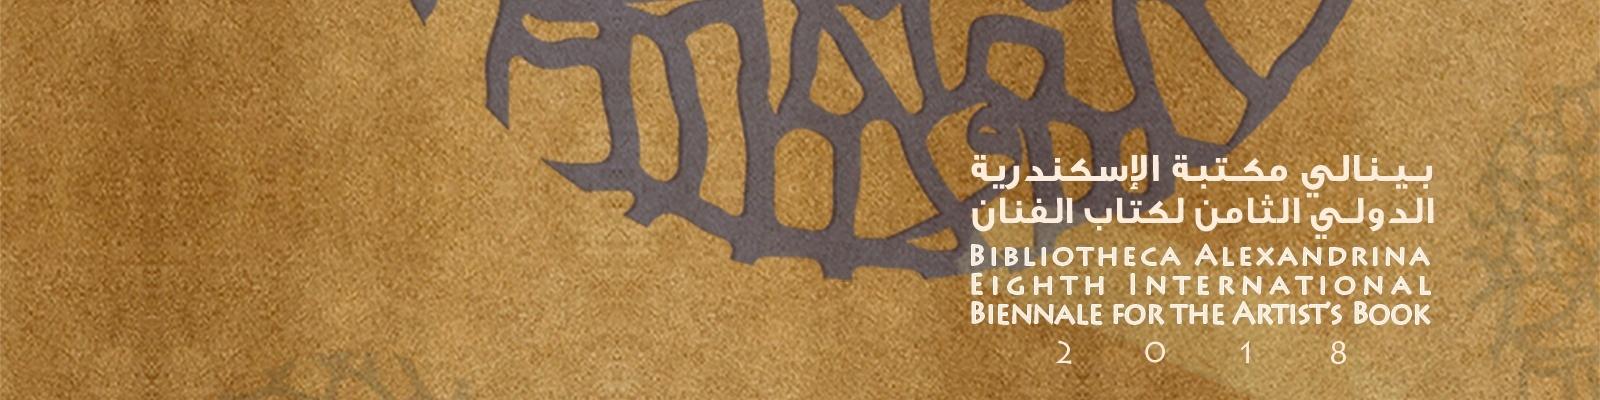 8<sup>e</sup> Biennale Internationale du Livre d'Artiste de la BA